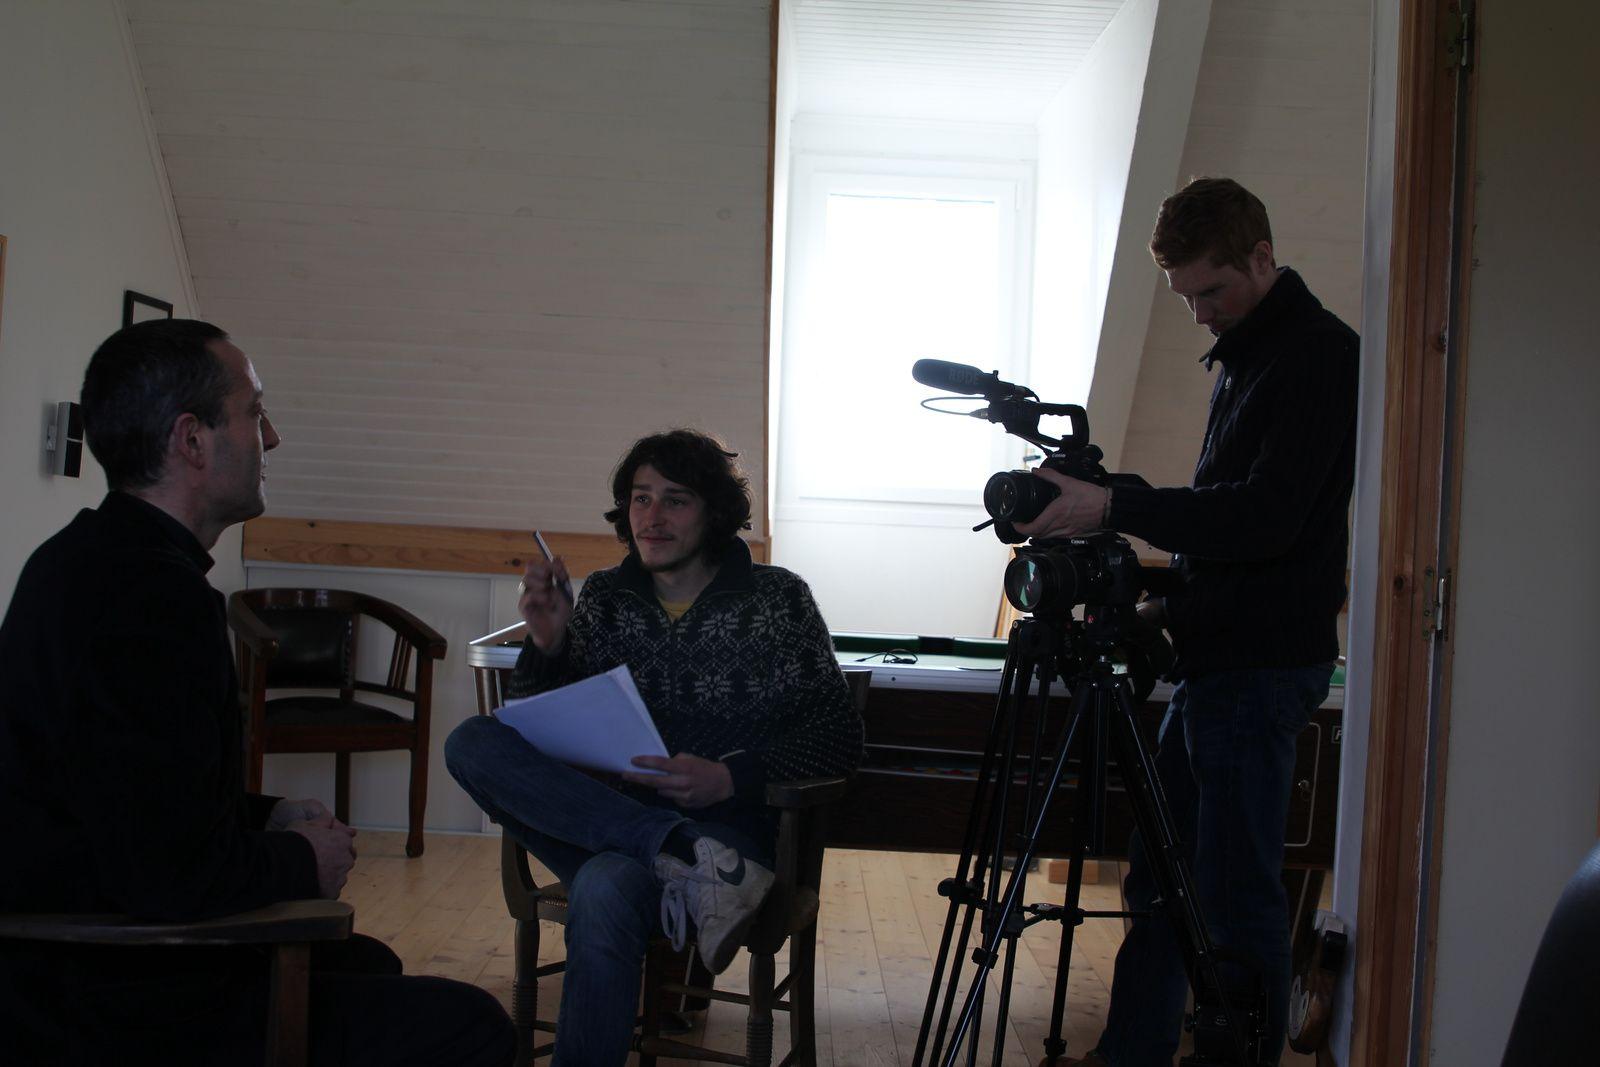 L'équipe N.E.O.S. Films en action.